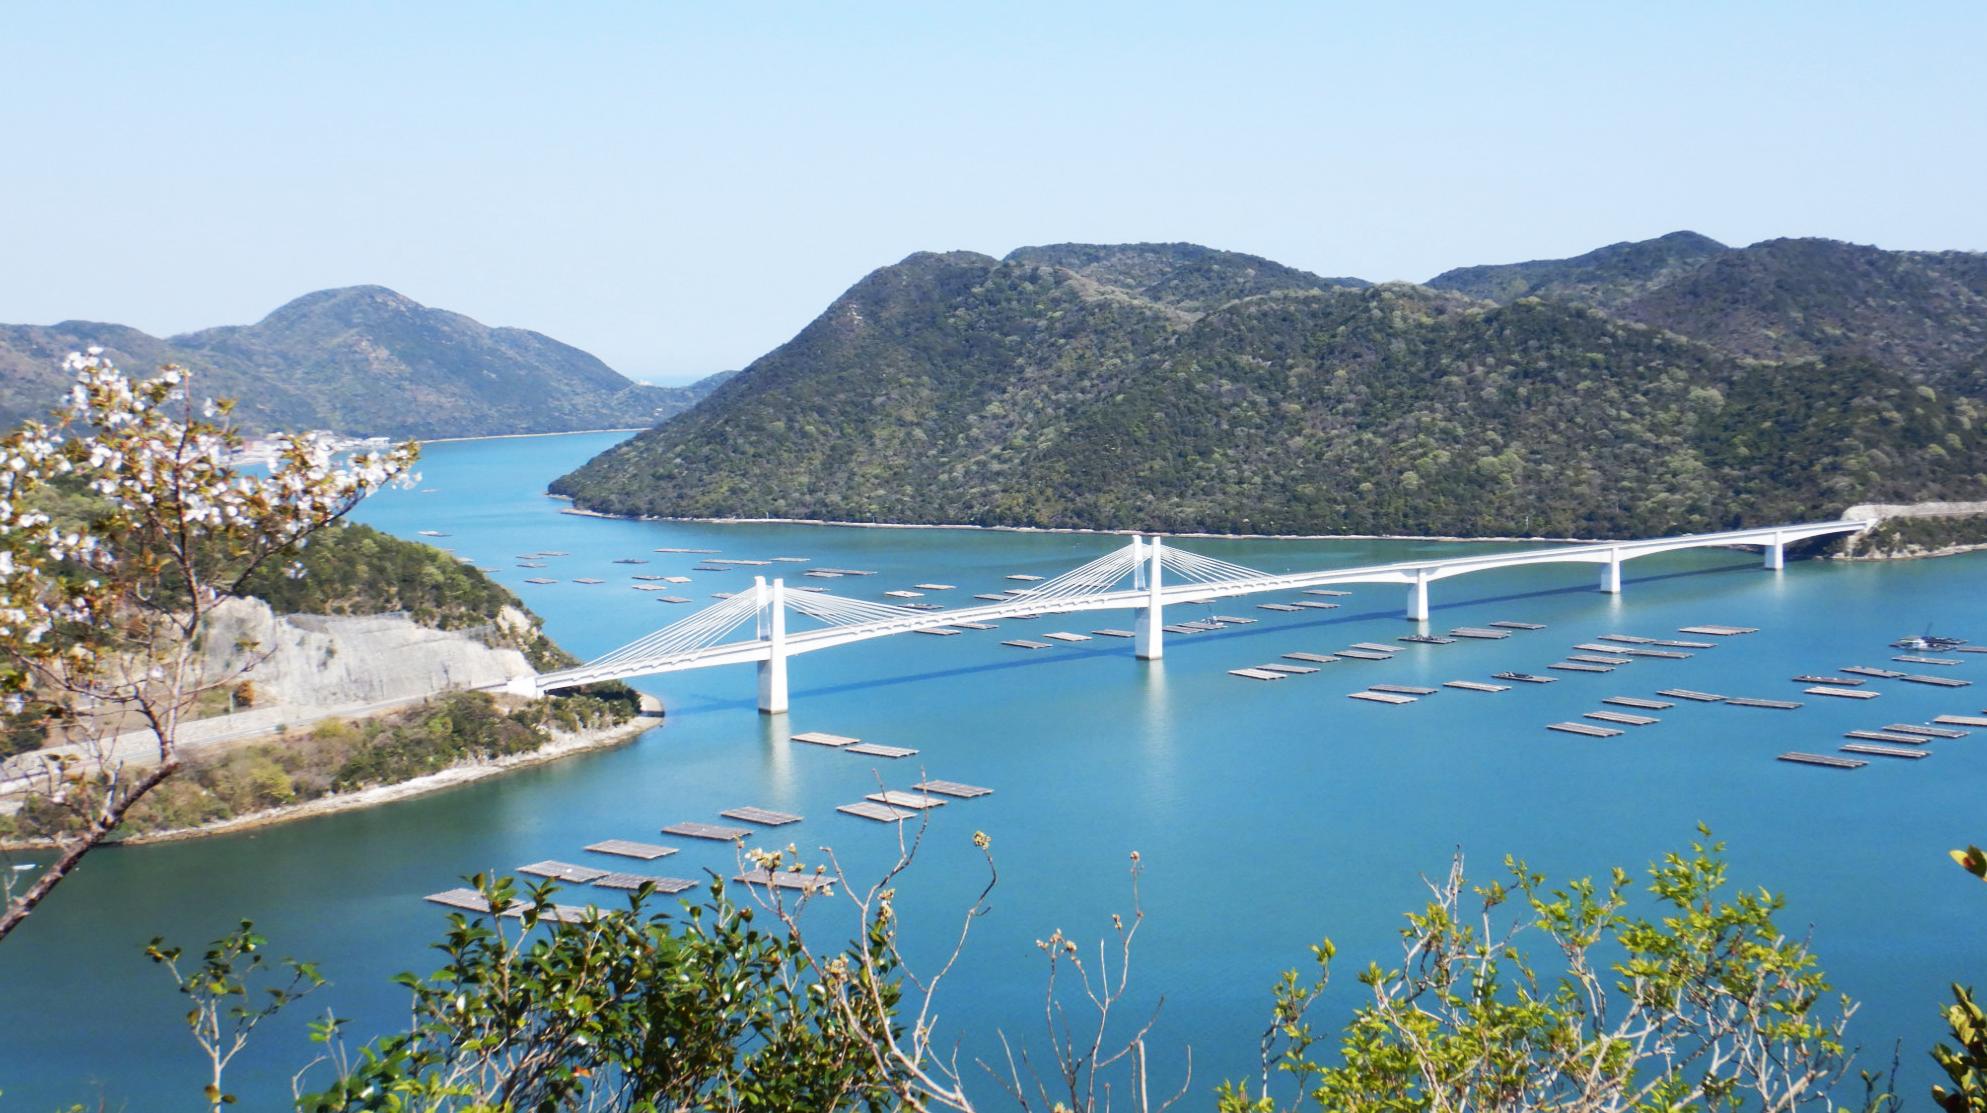 多島美あふれる瀬戸内海国立公園に架かる備前♡日生大橋